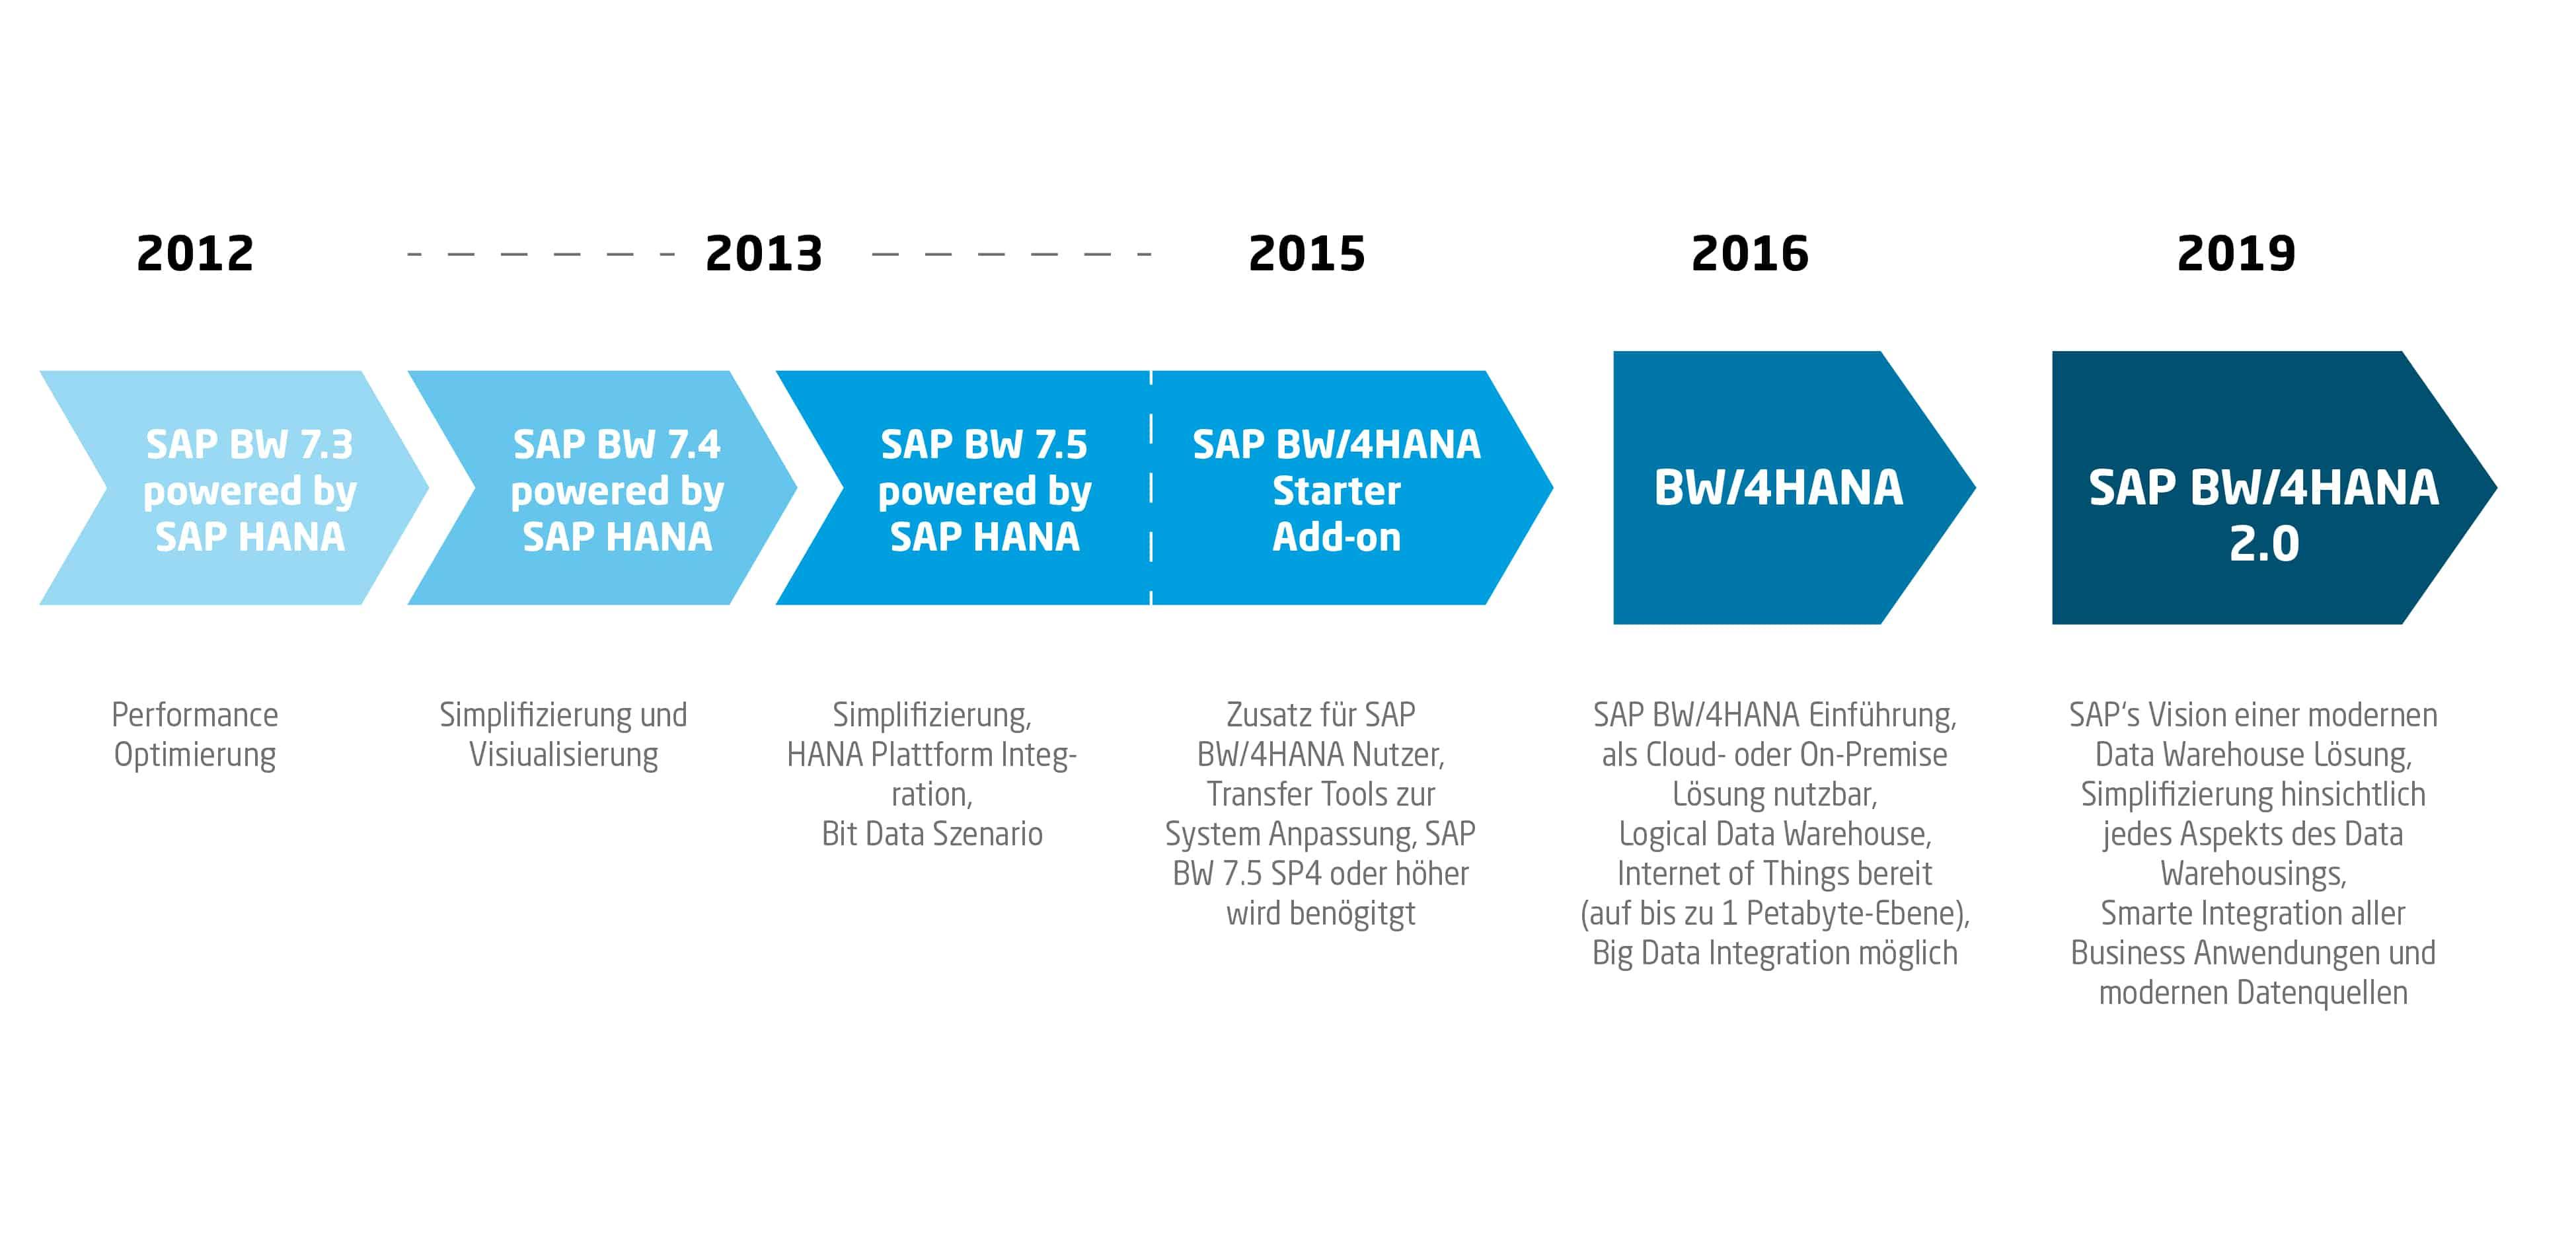 Veranschaulichung der SAP BW bzw. SAP BW/4HANA Entwicklungsphasen von 2012 bis heute